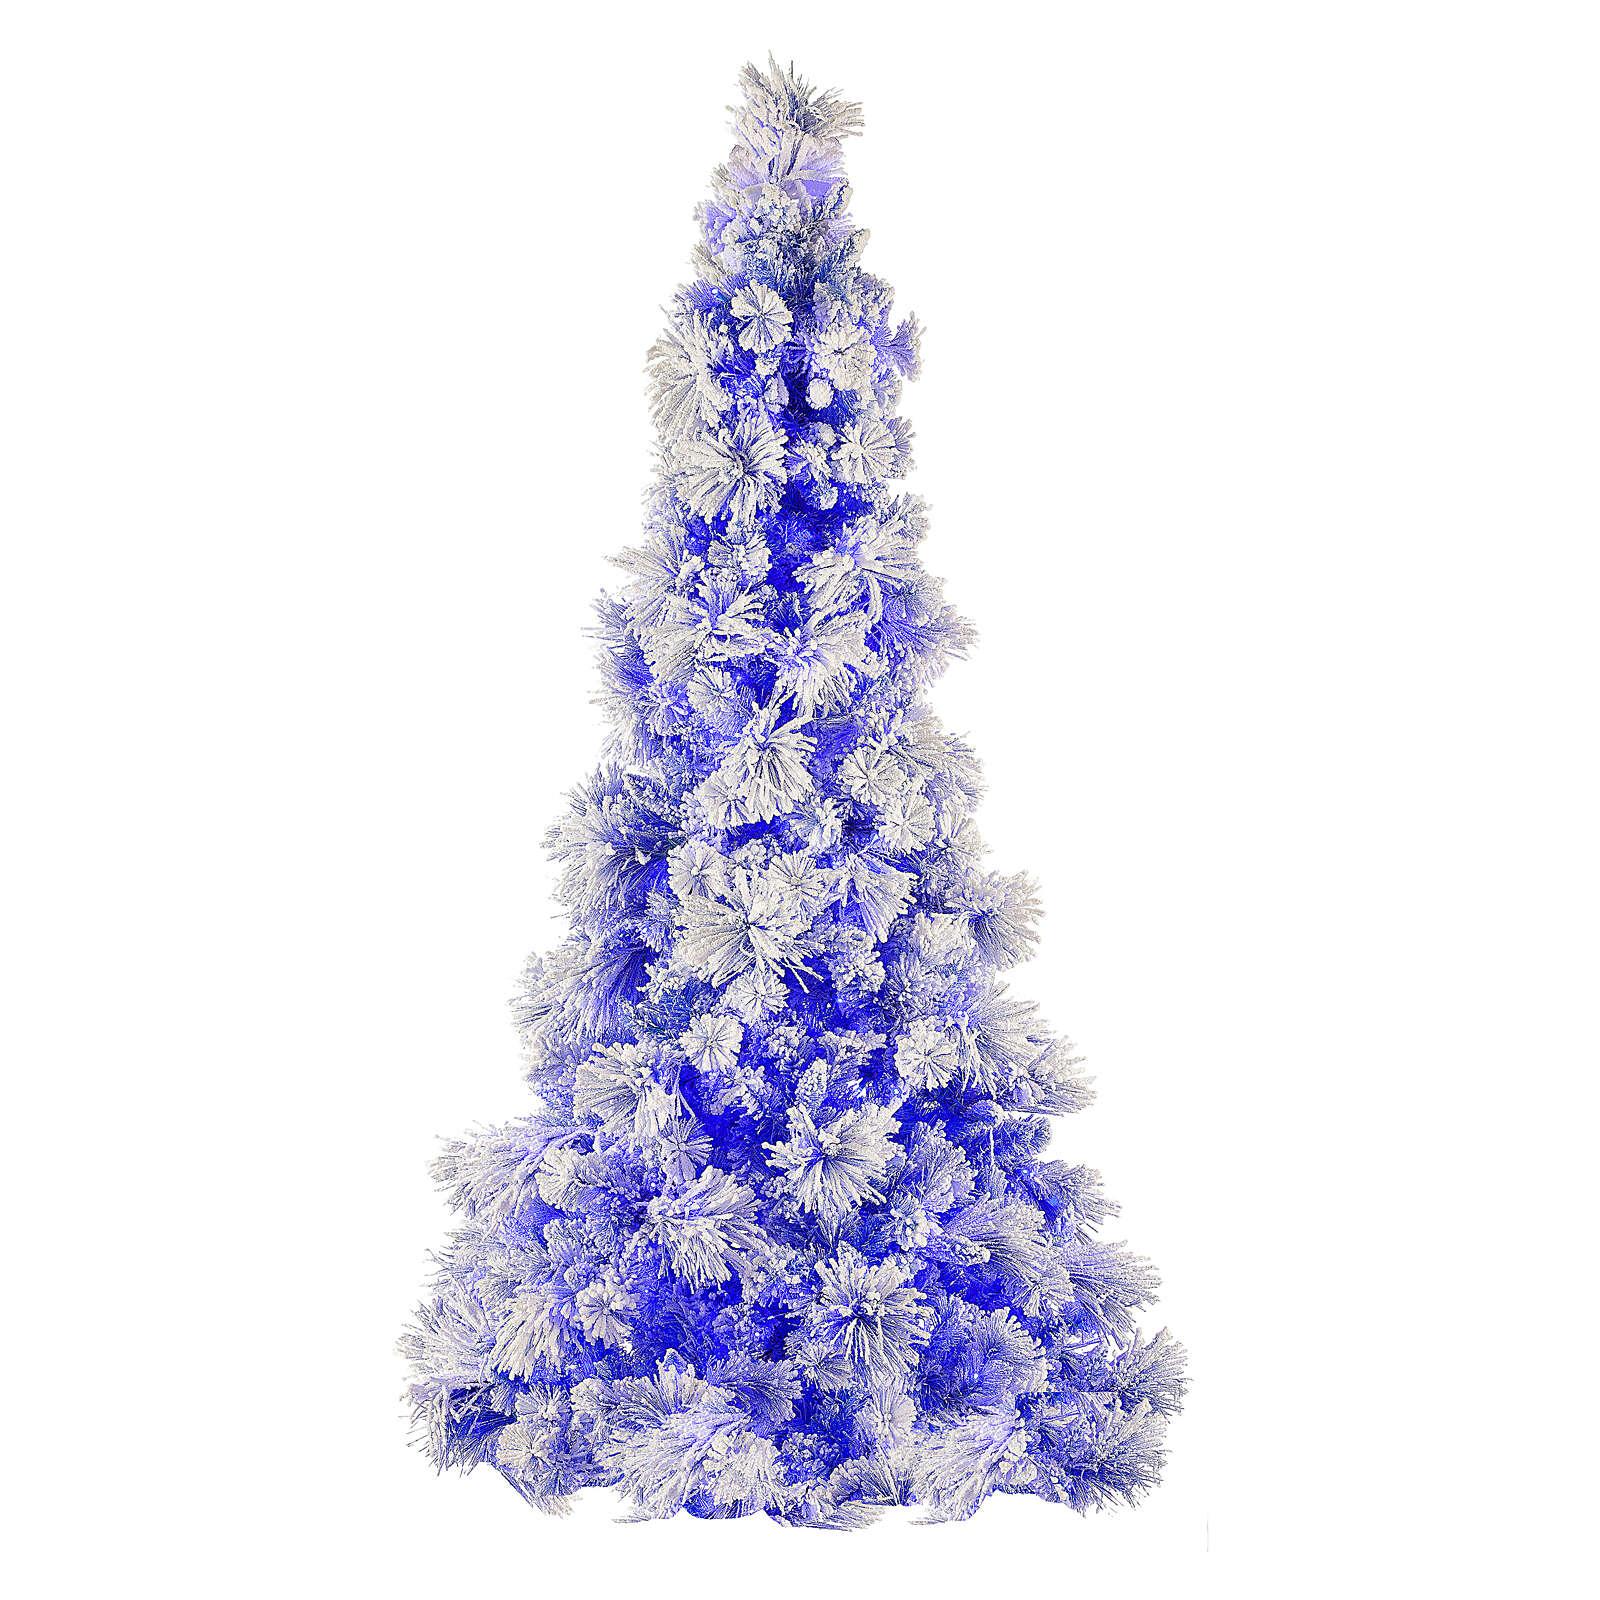 STOCK Albero di Natale Virginia Blue innevato 340 cm con 1100 led 3